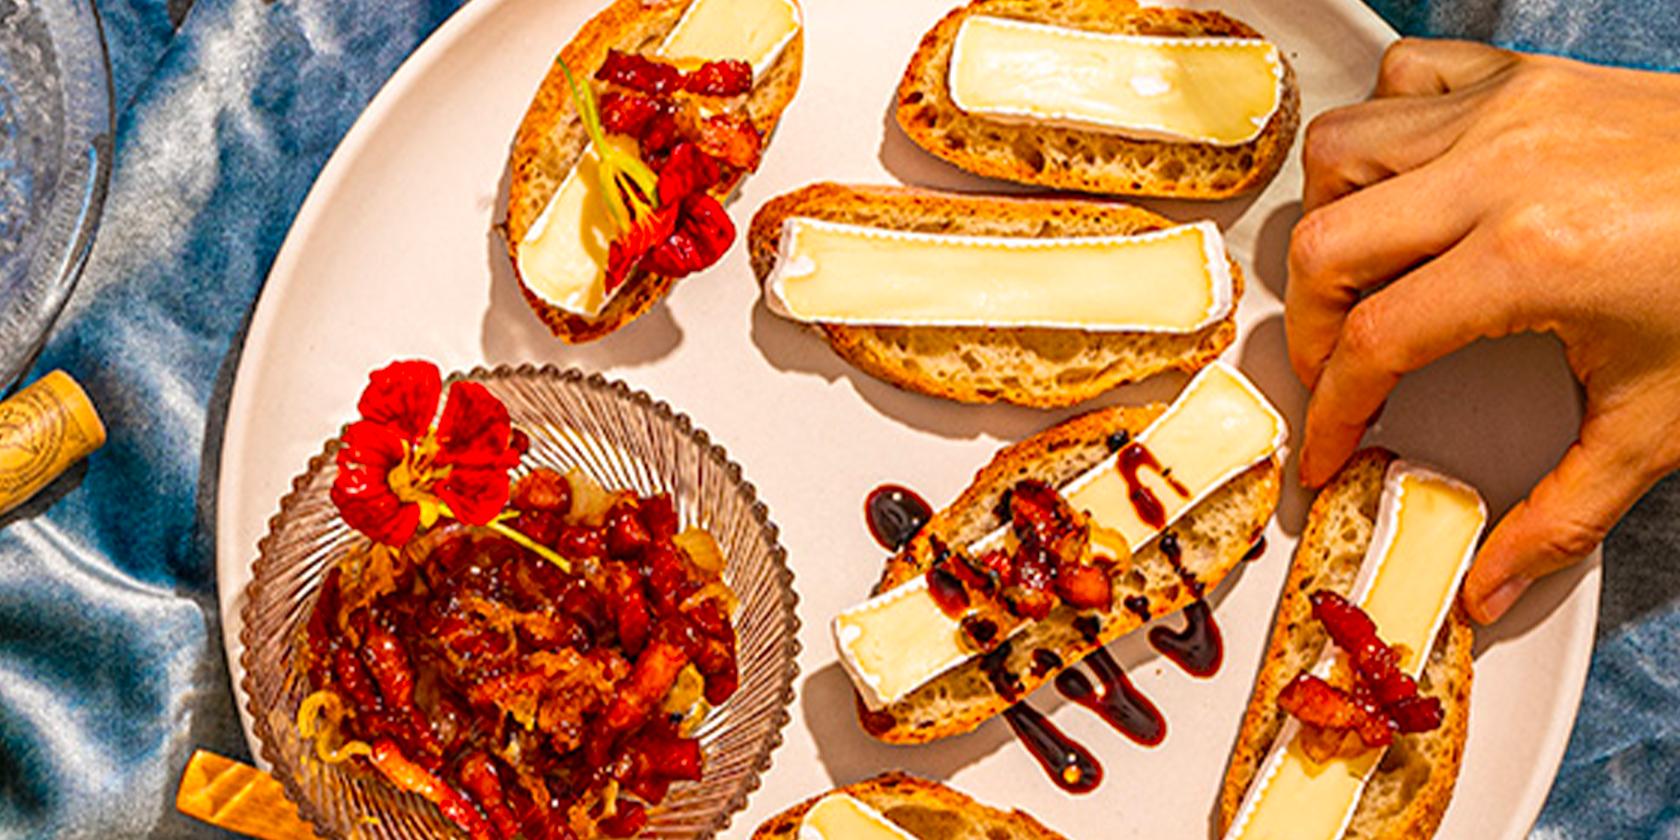 Comment savoir si vos fromages sont encore bons?